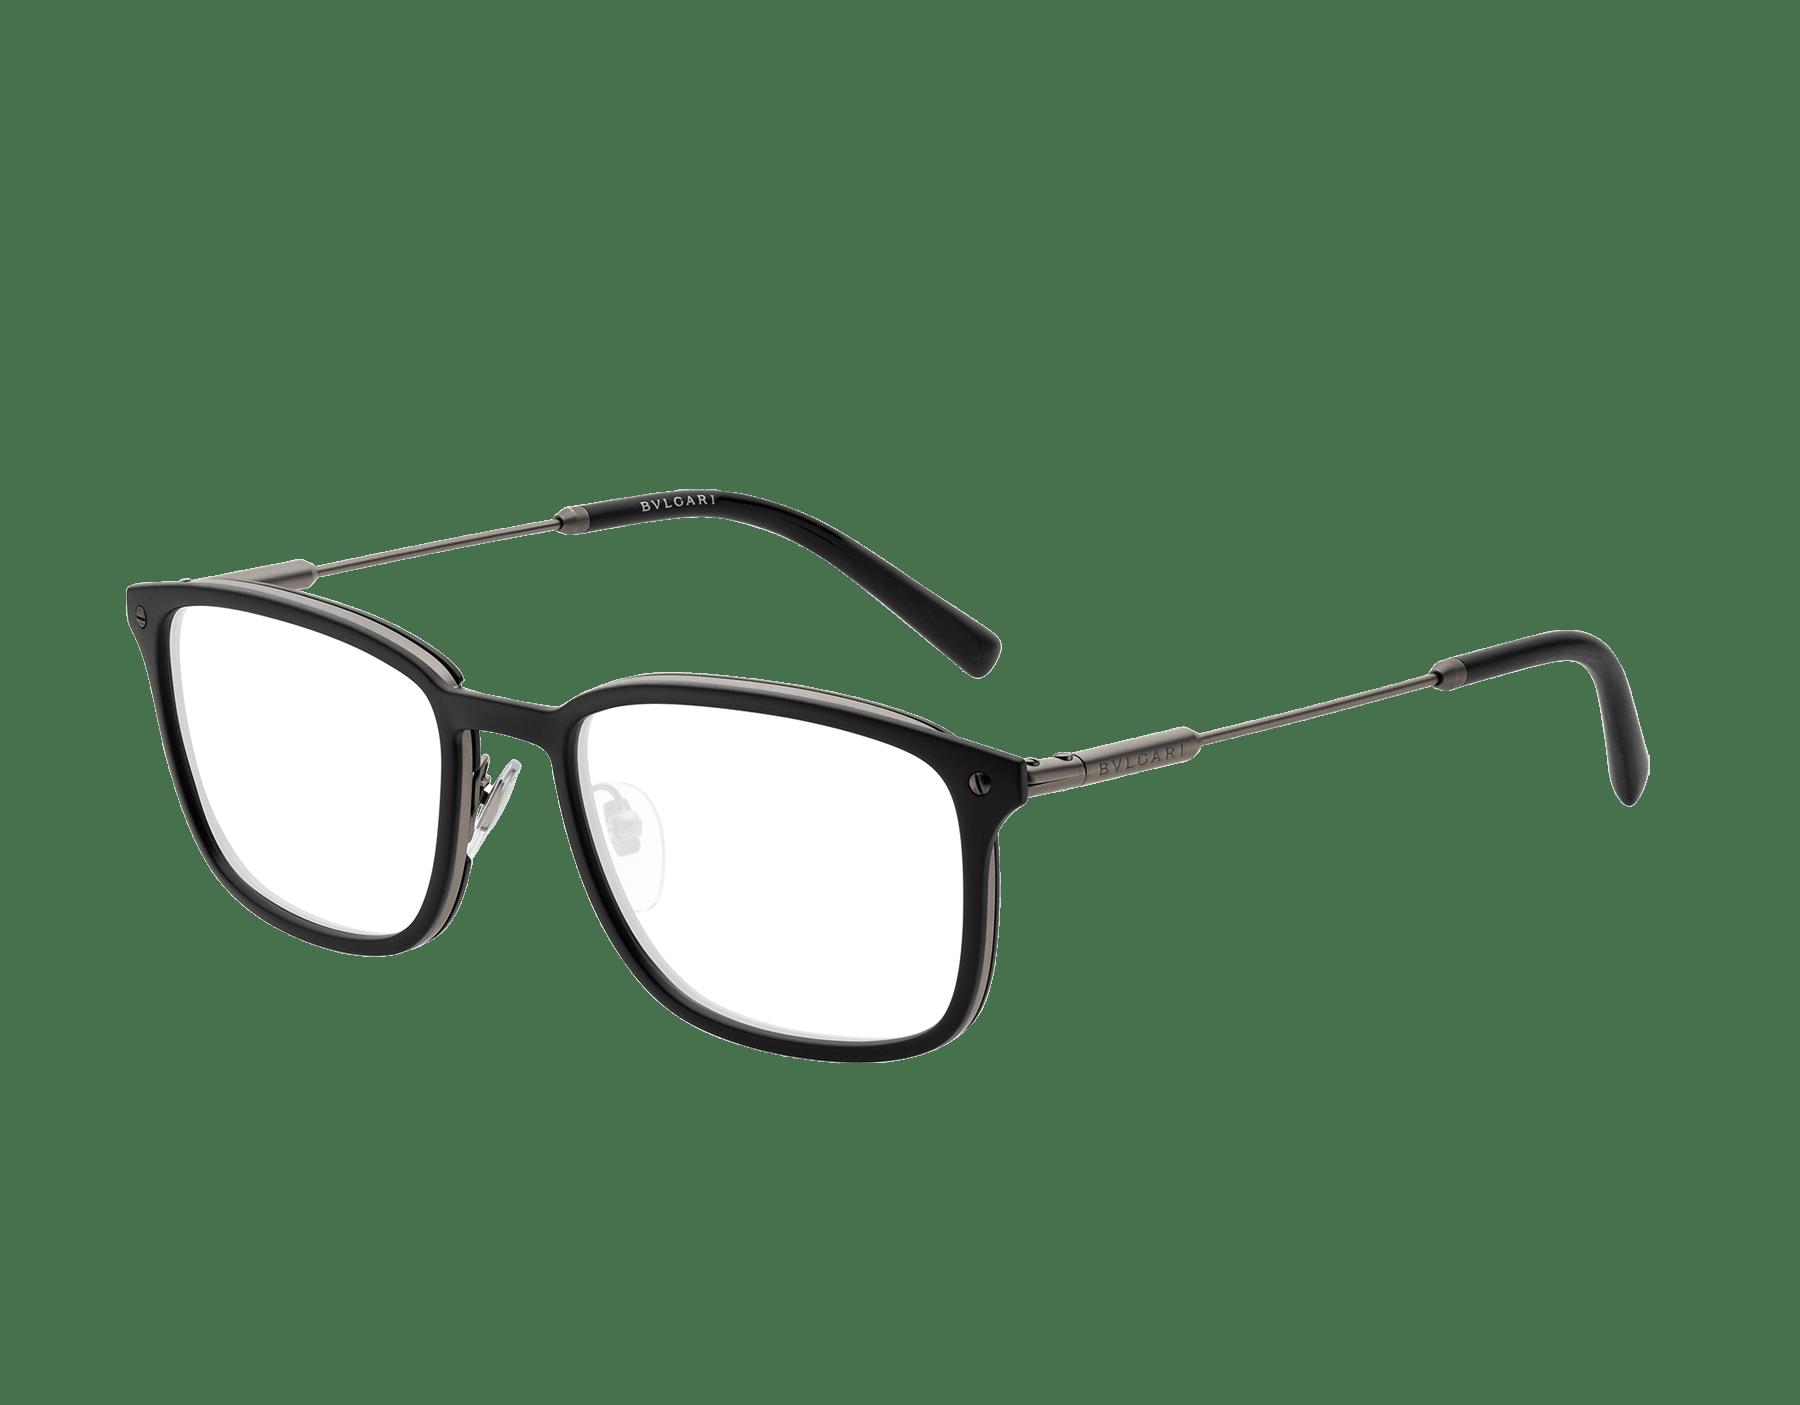 Diagono rectangular metal eyeglasses. 903632 image 1